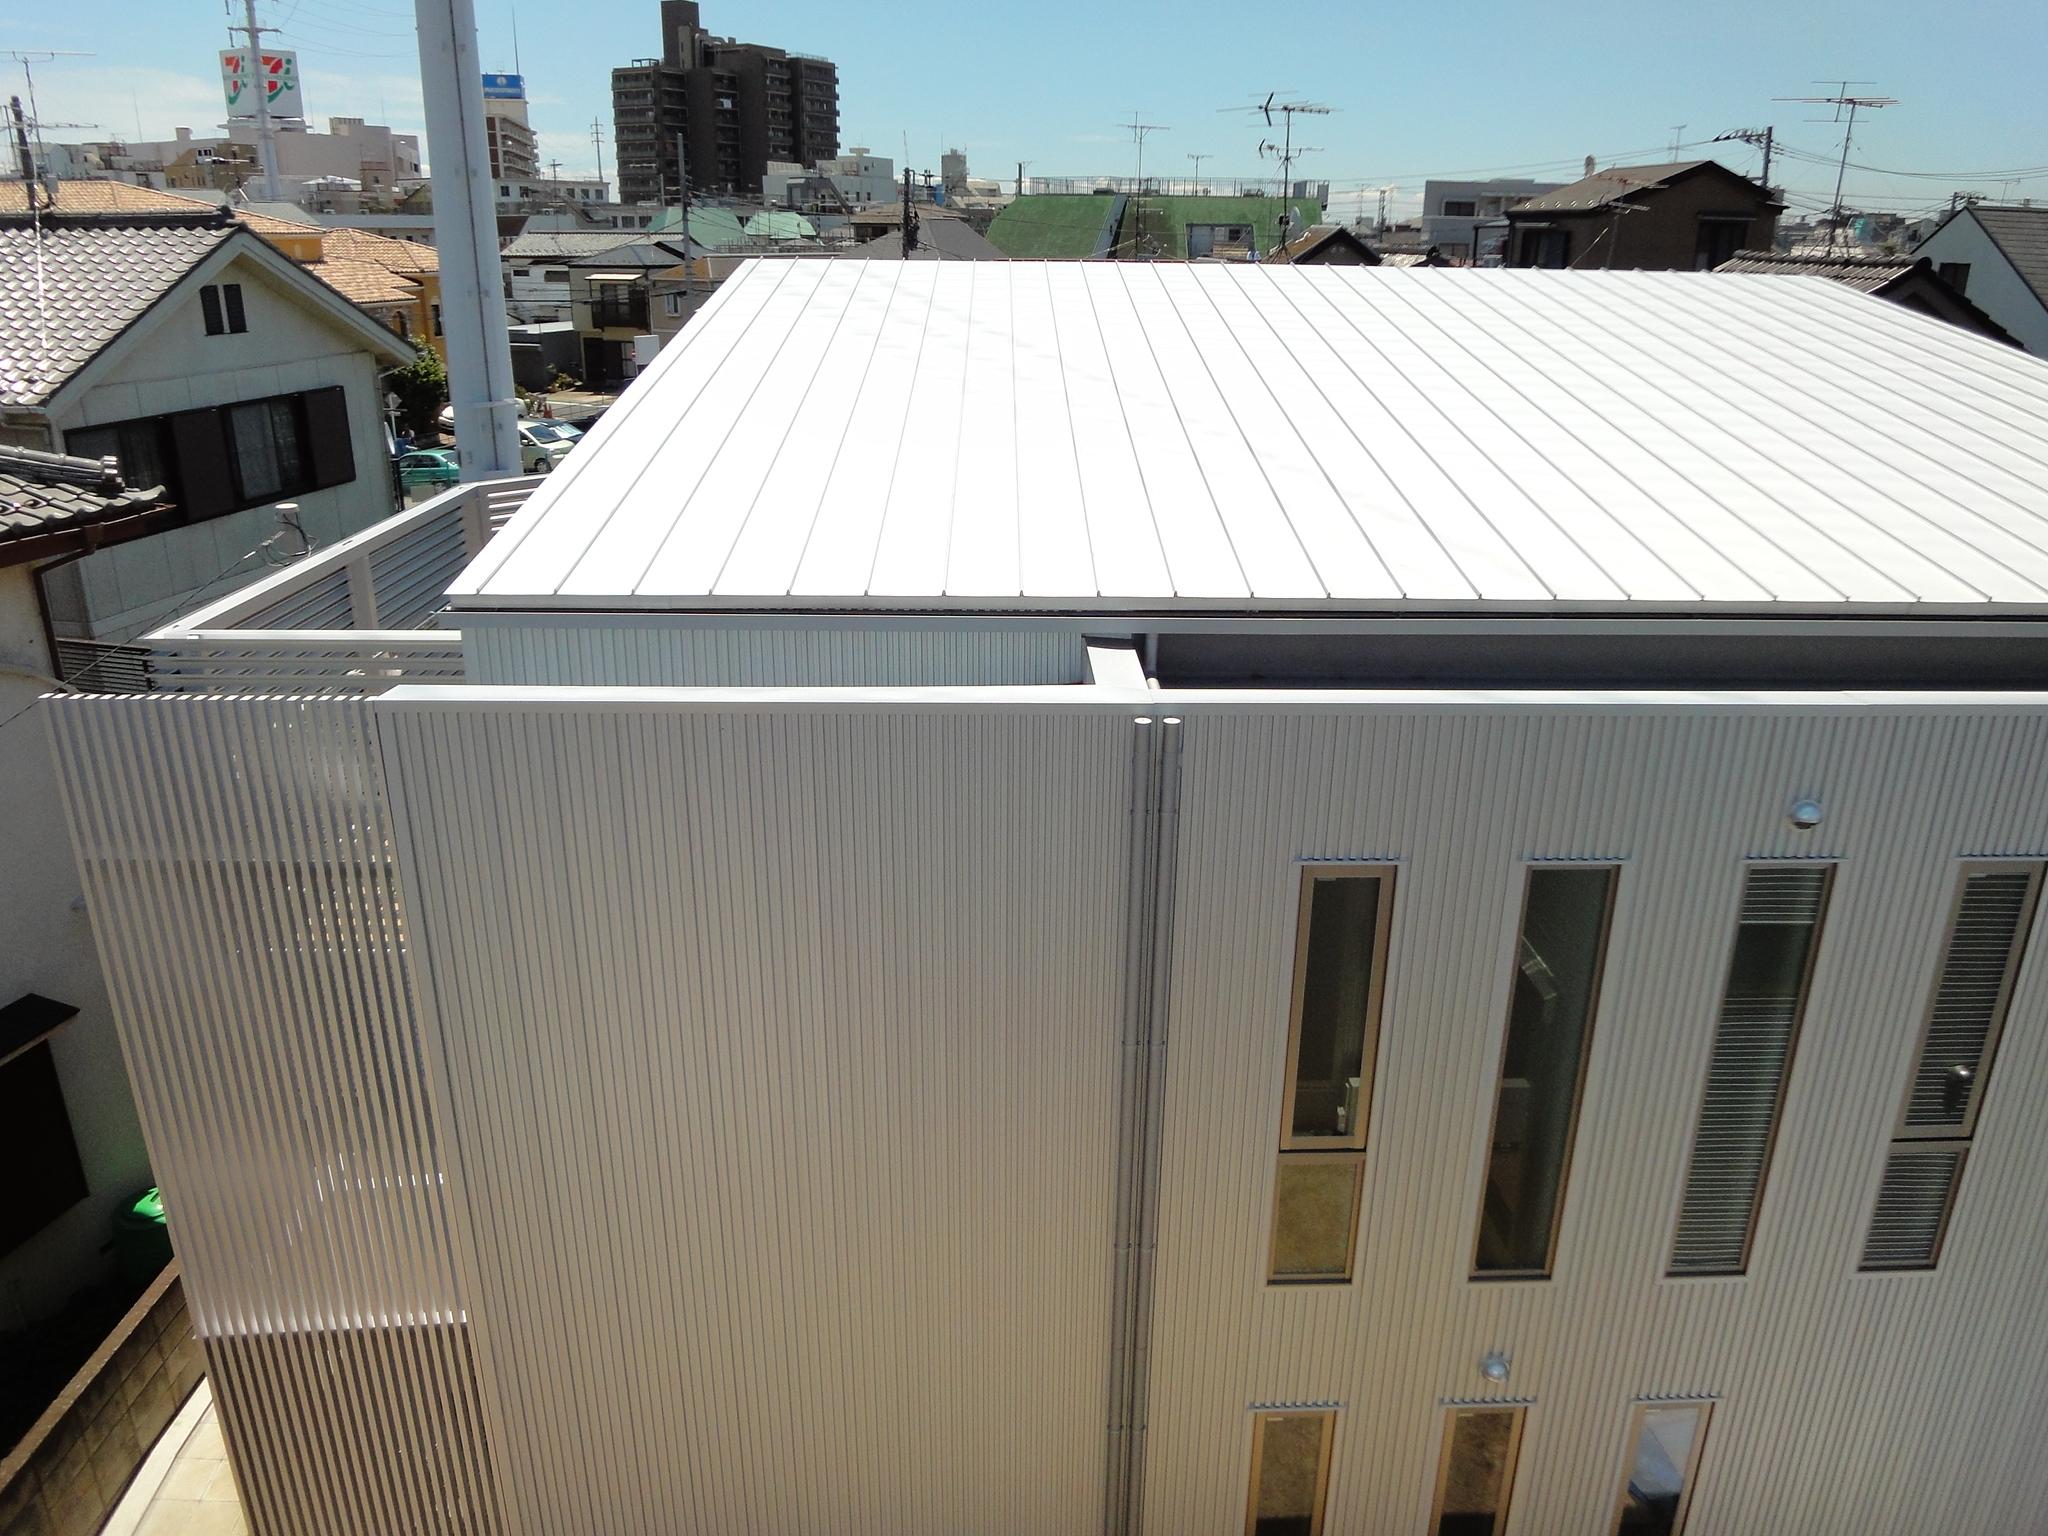 ガルバリウム鋼板屋根とフラットルーフ Fevecasaフェブカーサ